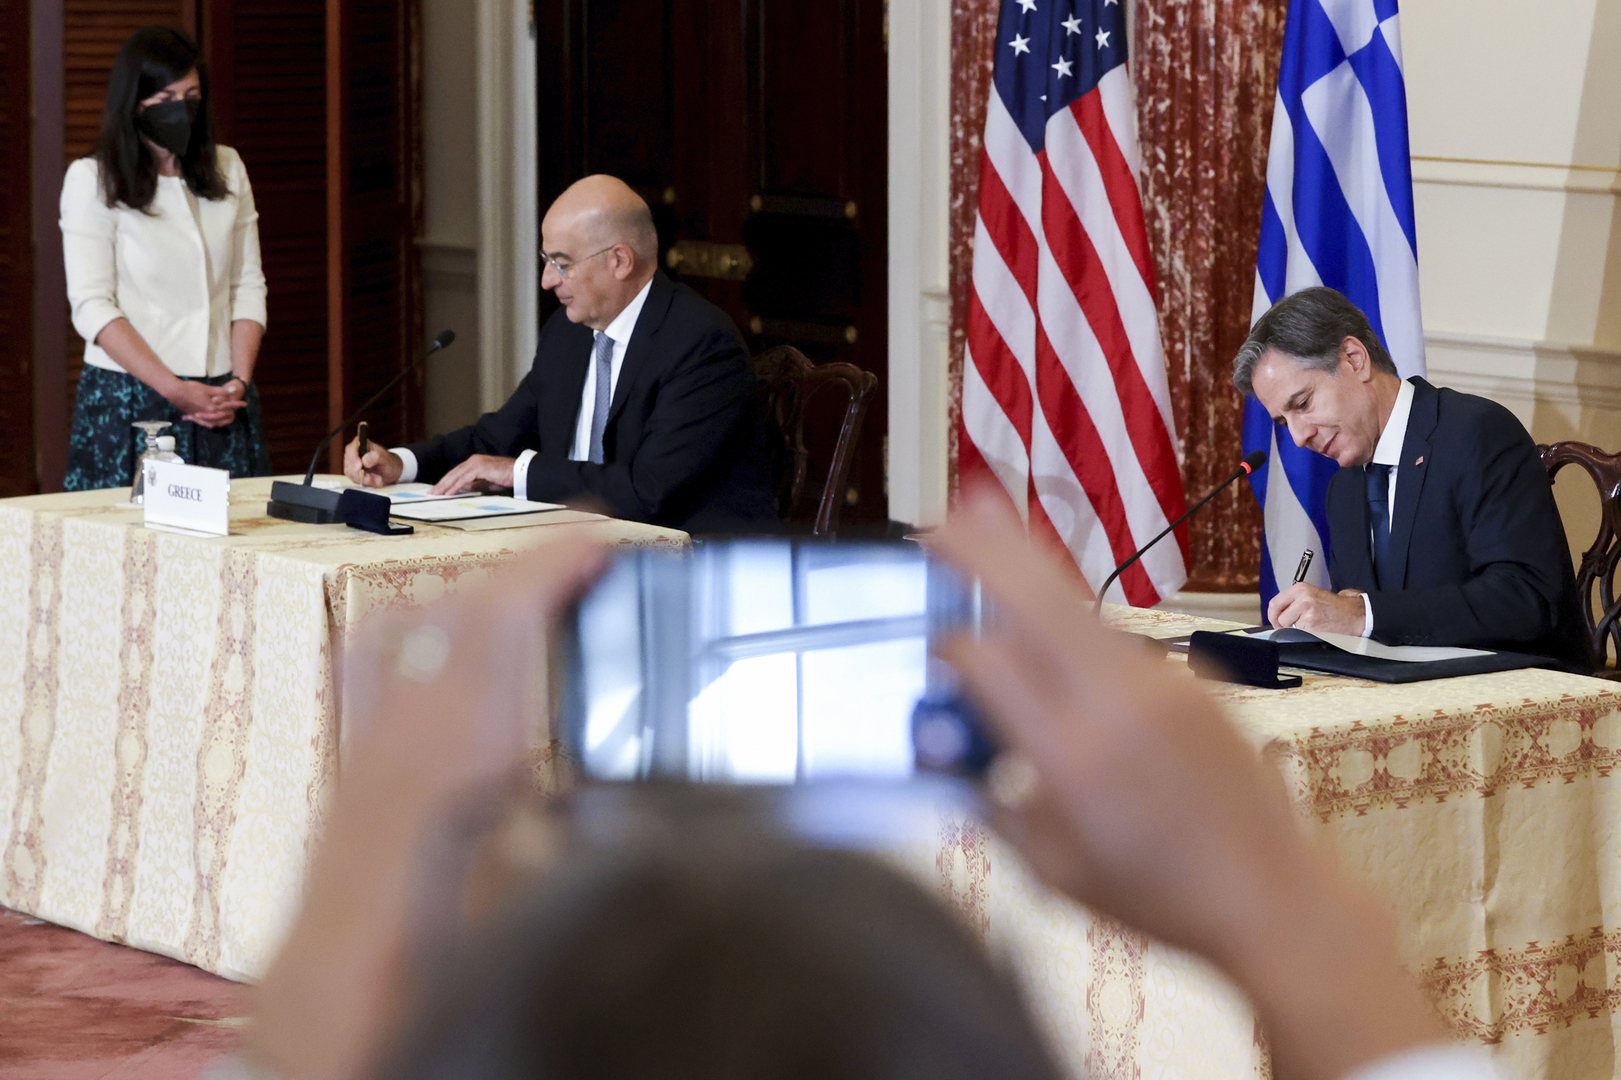 الولايات المتحدة واليونان توسعان التعاون الدفاعي وسط التوترات مع تركيا